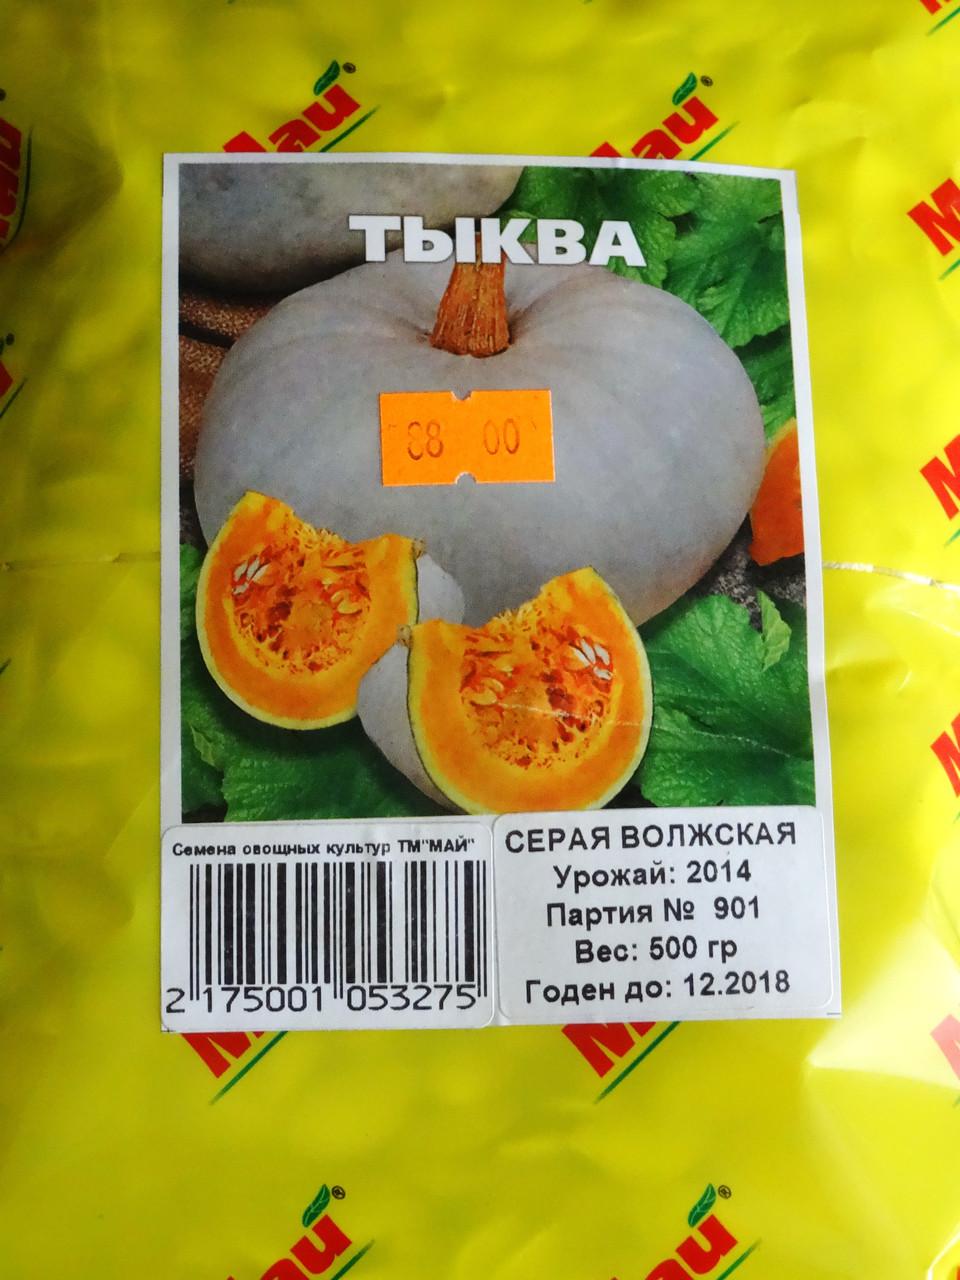 Семена Тыквы 500 гр. сорт Серая волжская